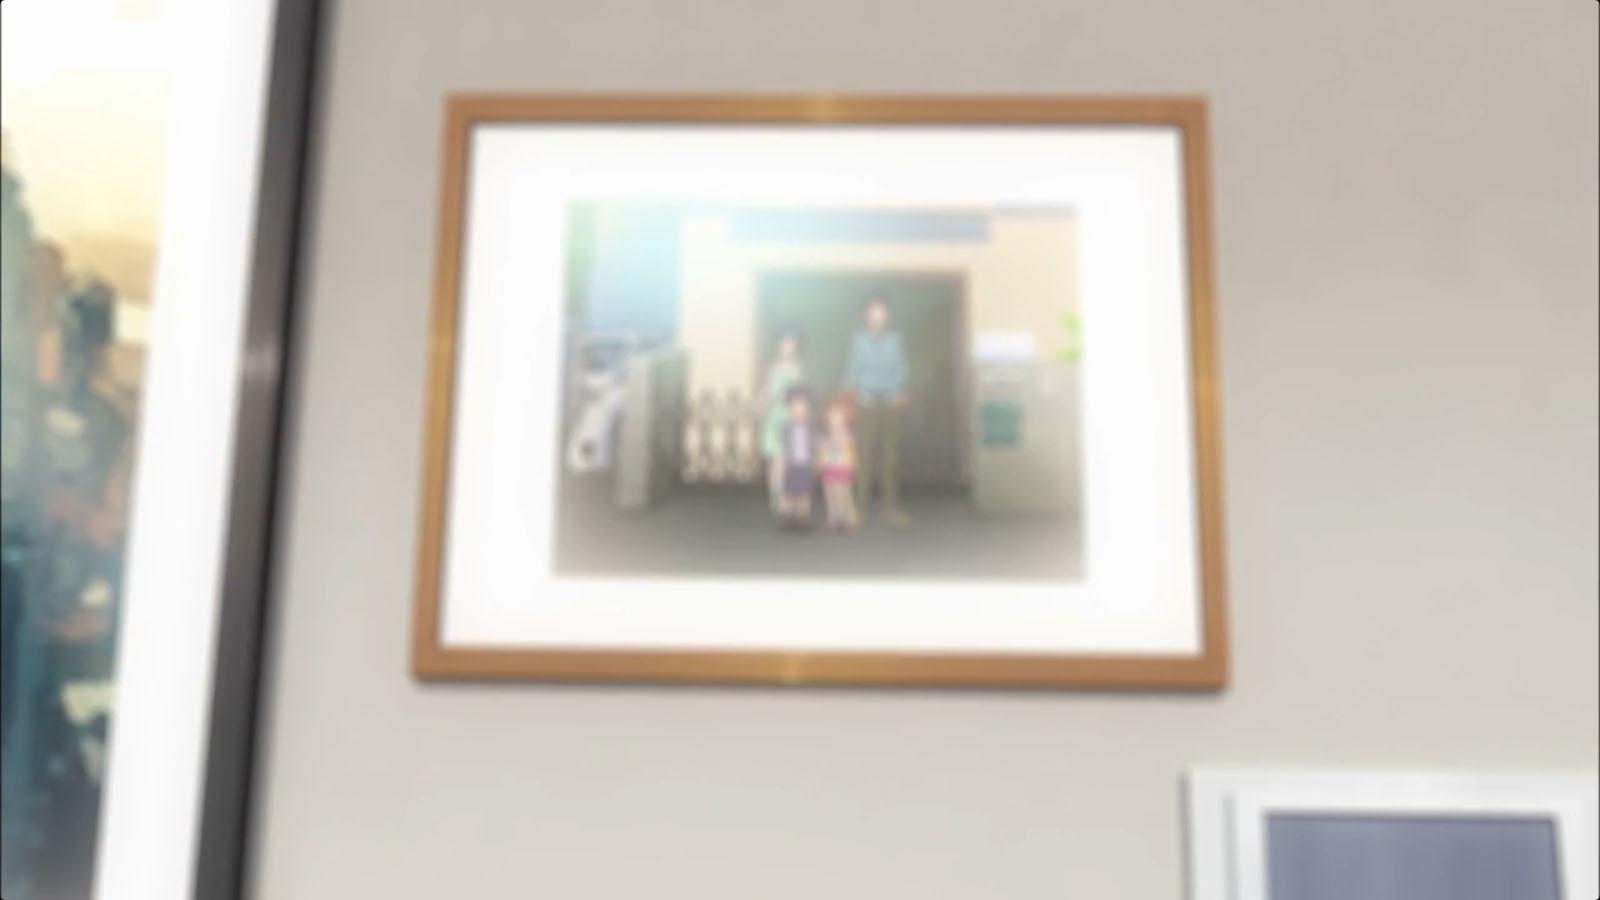 Kawaikereba Hentai demo Suki ni Natte Kuremasu ka? - Capítulo 8